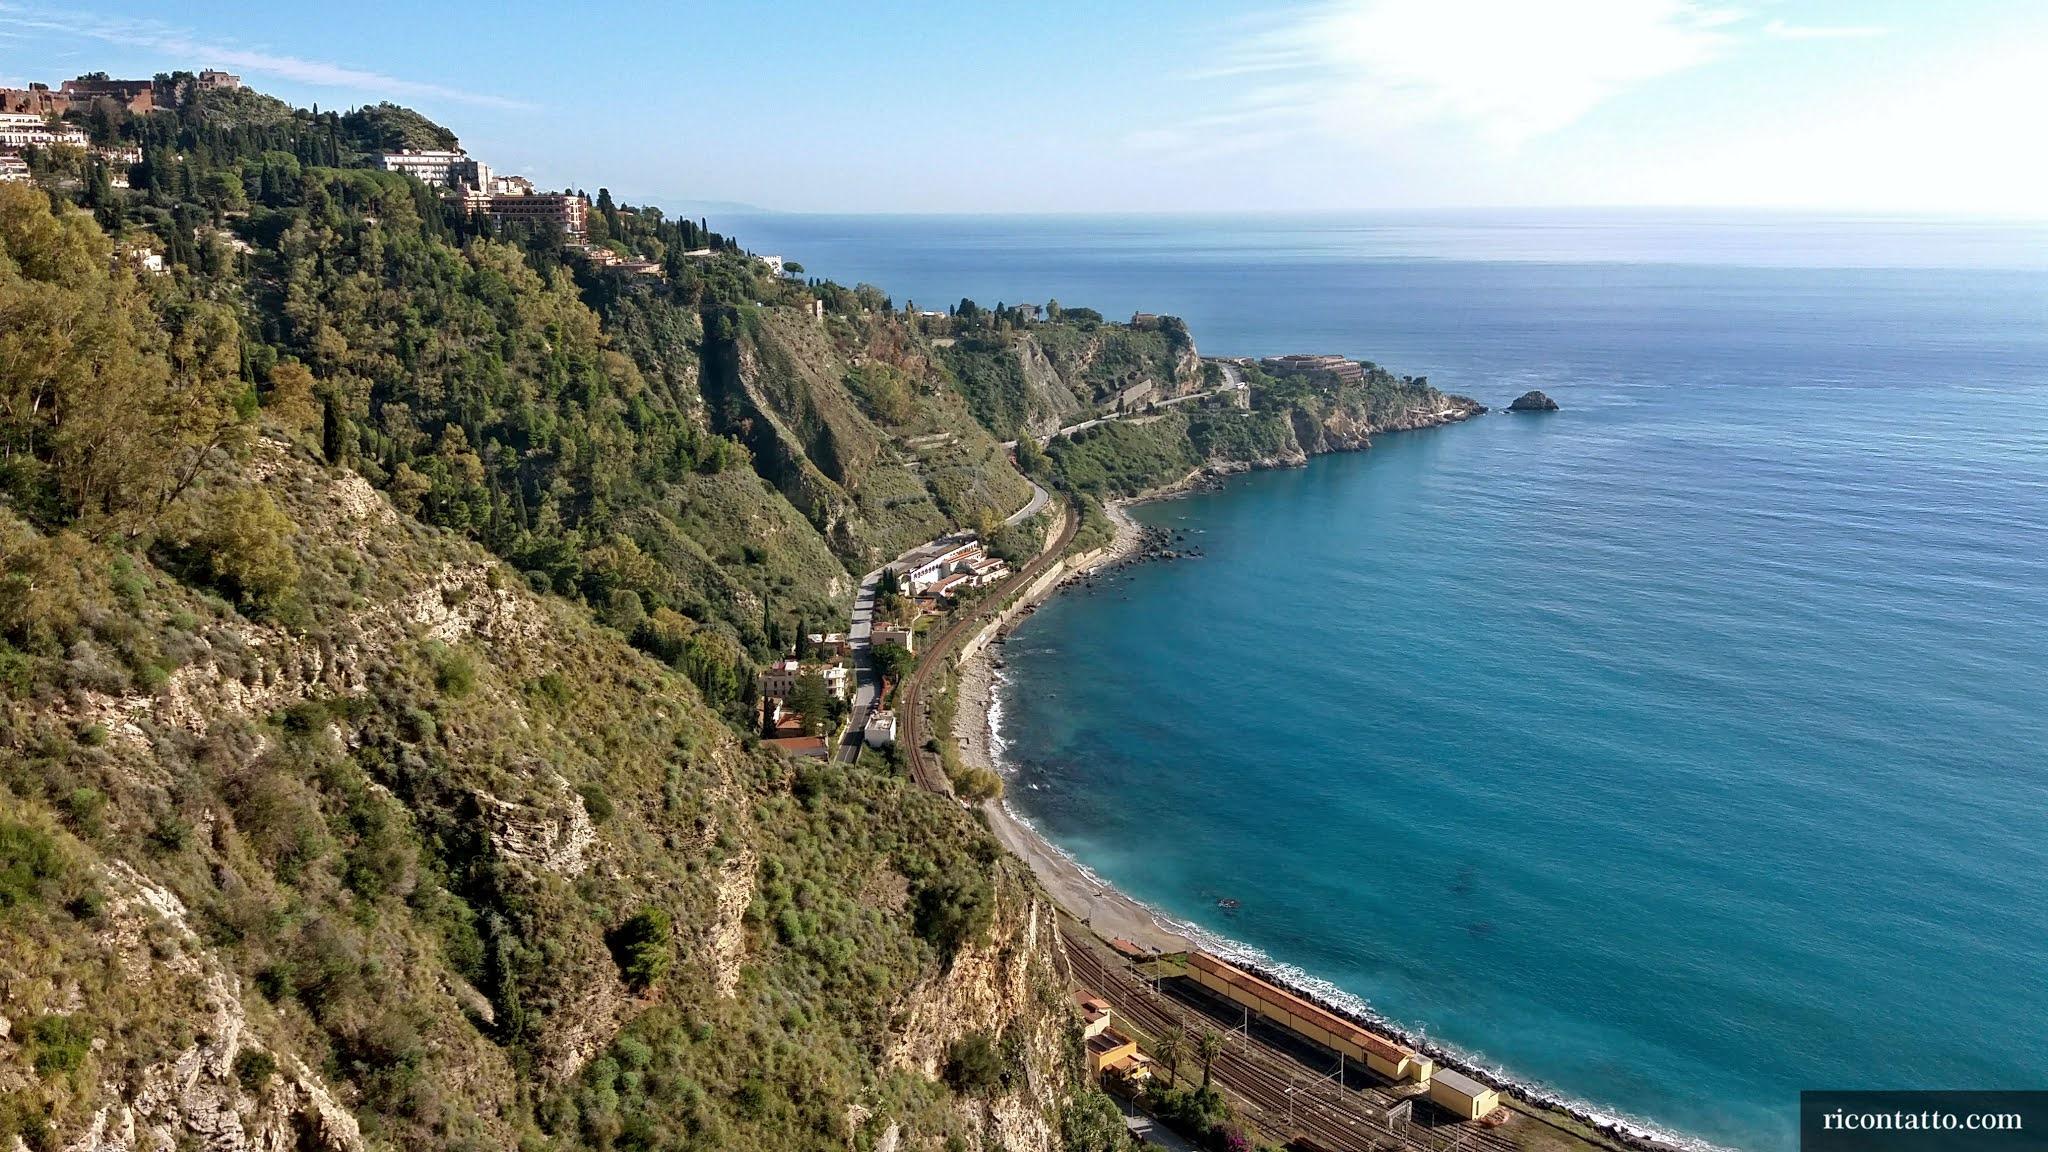 Taormina, Sicilia, Italy - Photo #19 by Ricontatto.com